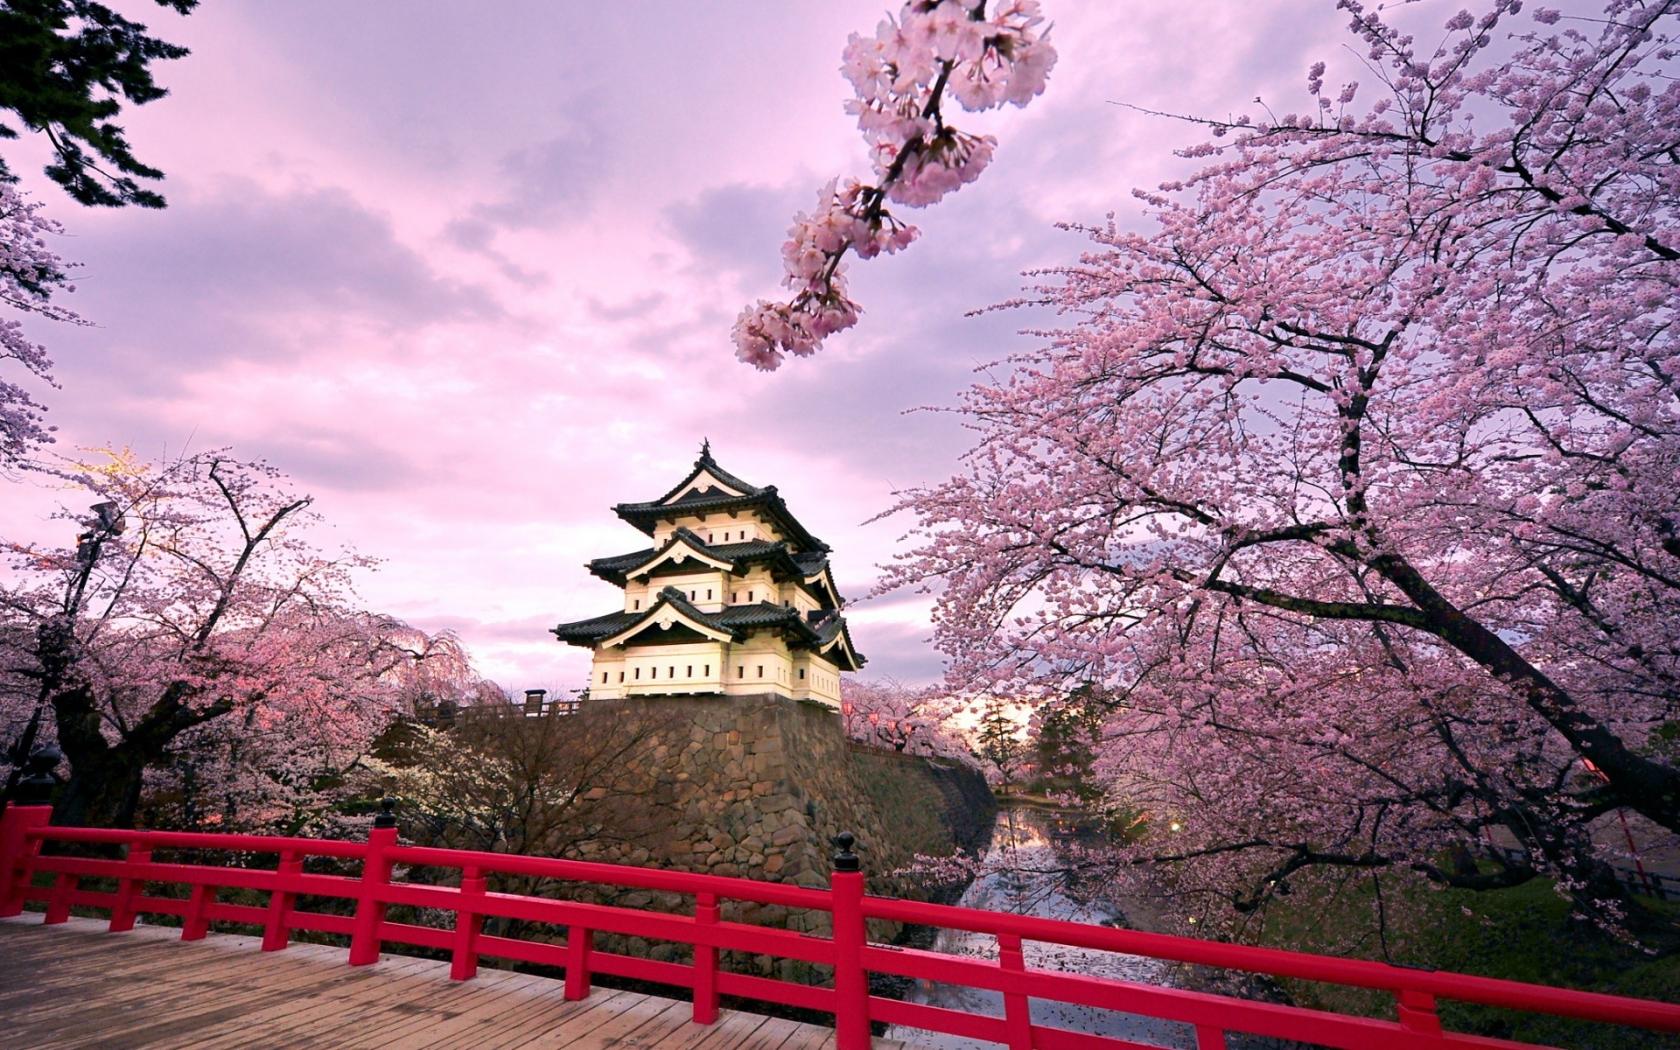 Castillo Japonés - 1680x1050